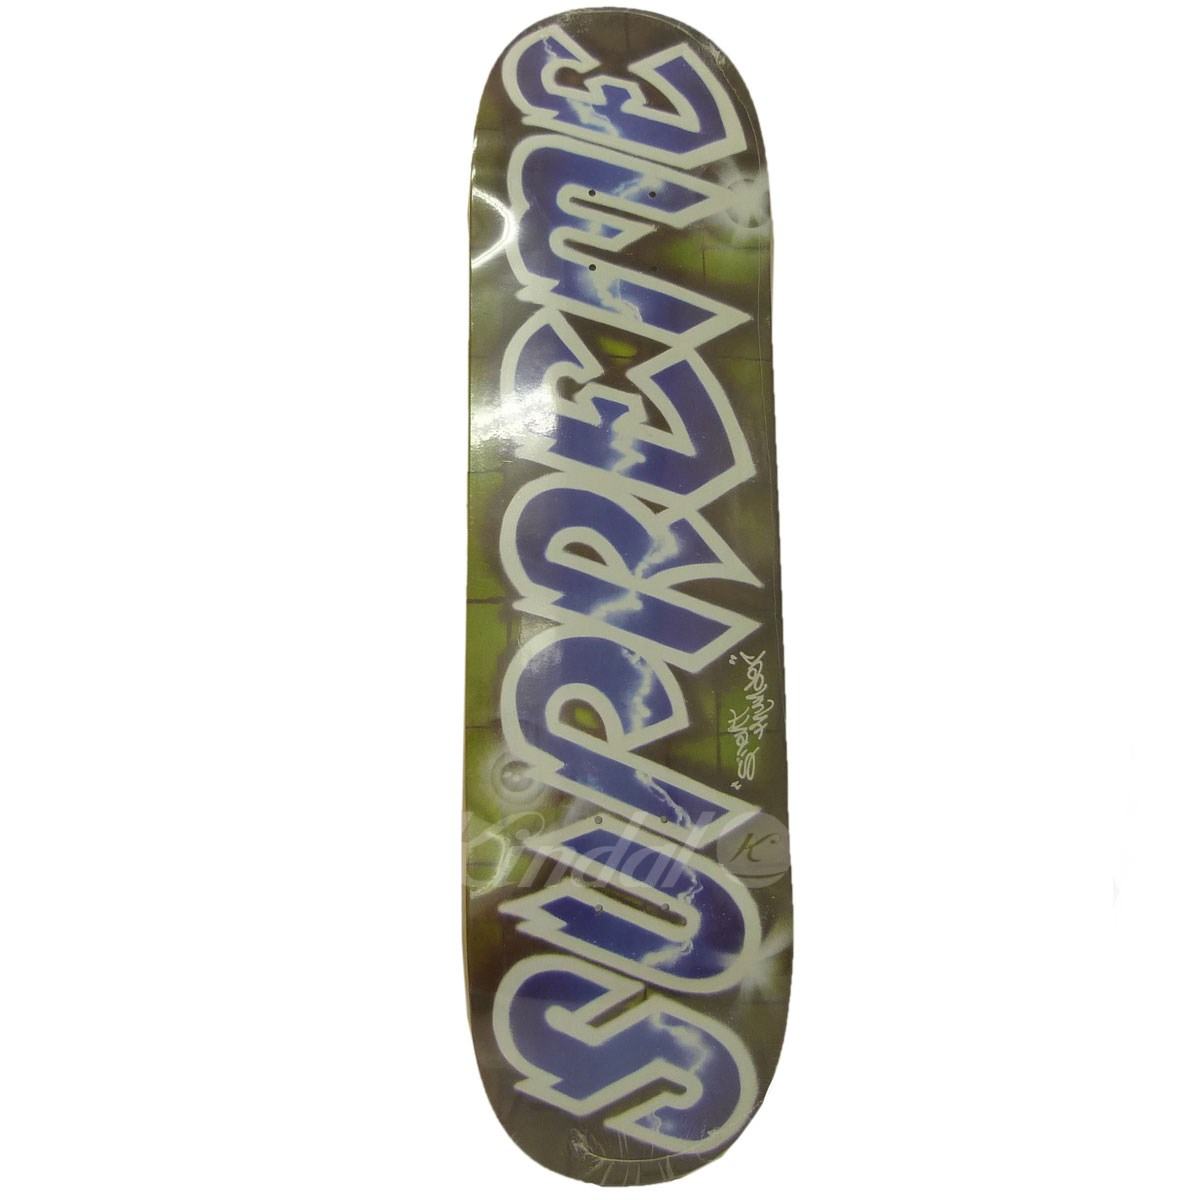 【中古】SUPREME 18SS「Lee Logo Skatebord」リーロゴスケートボードデッキ グリーン サイズ:- 【送料無料】 【130319】(シュプリーム)